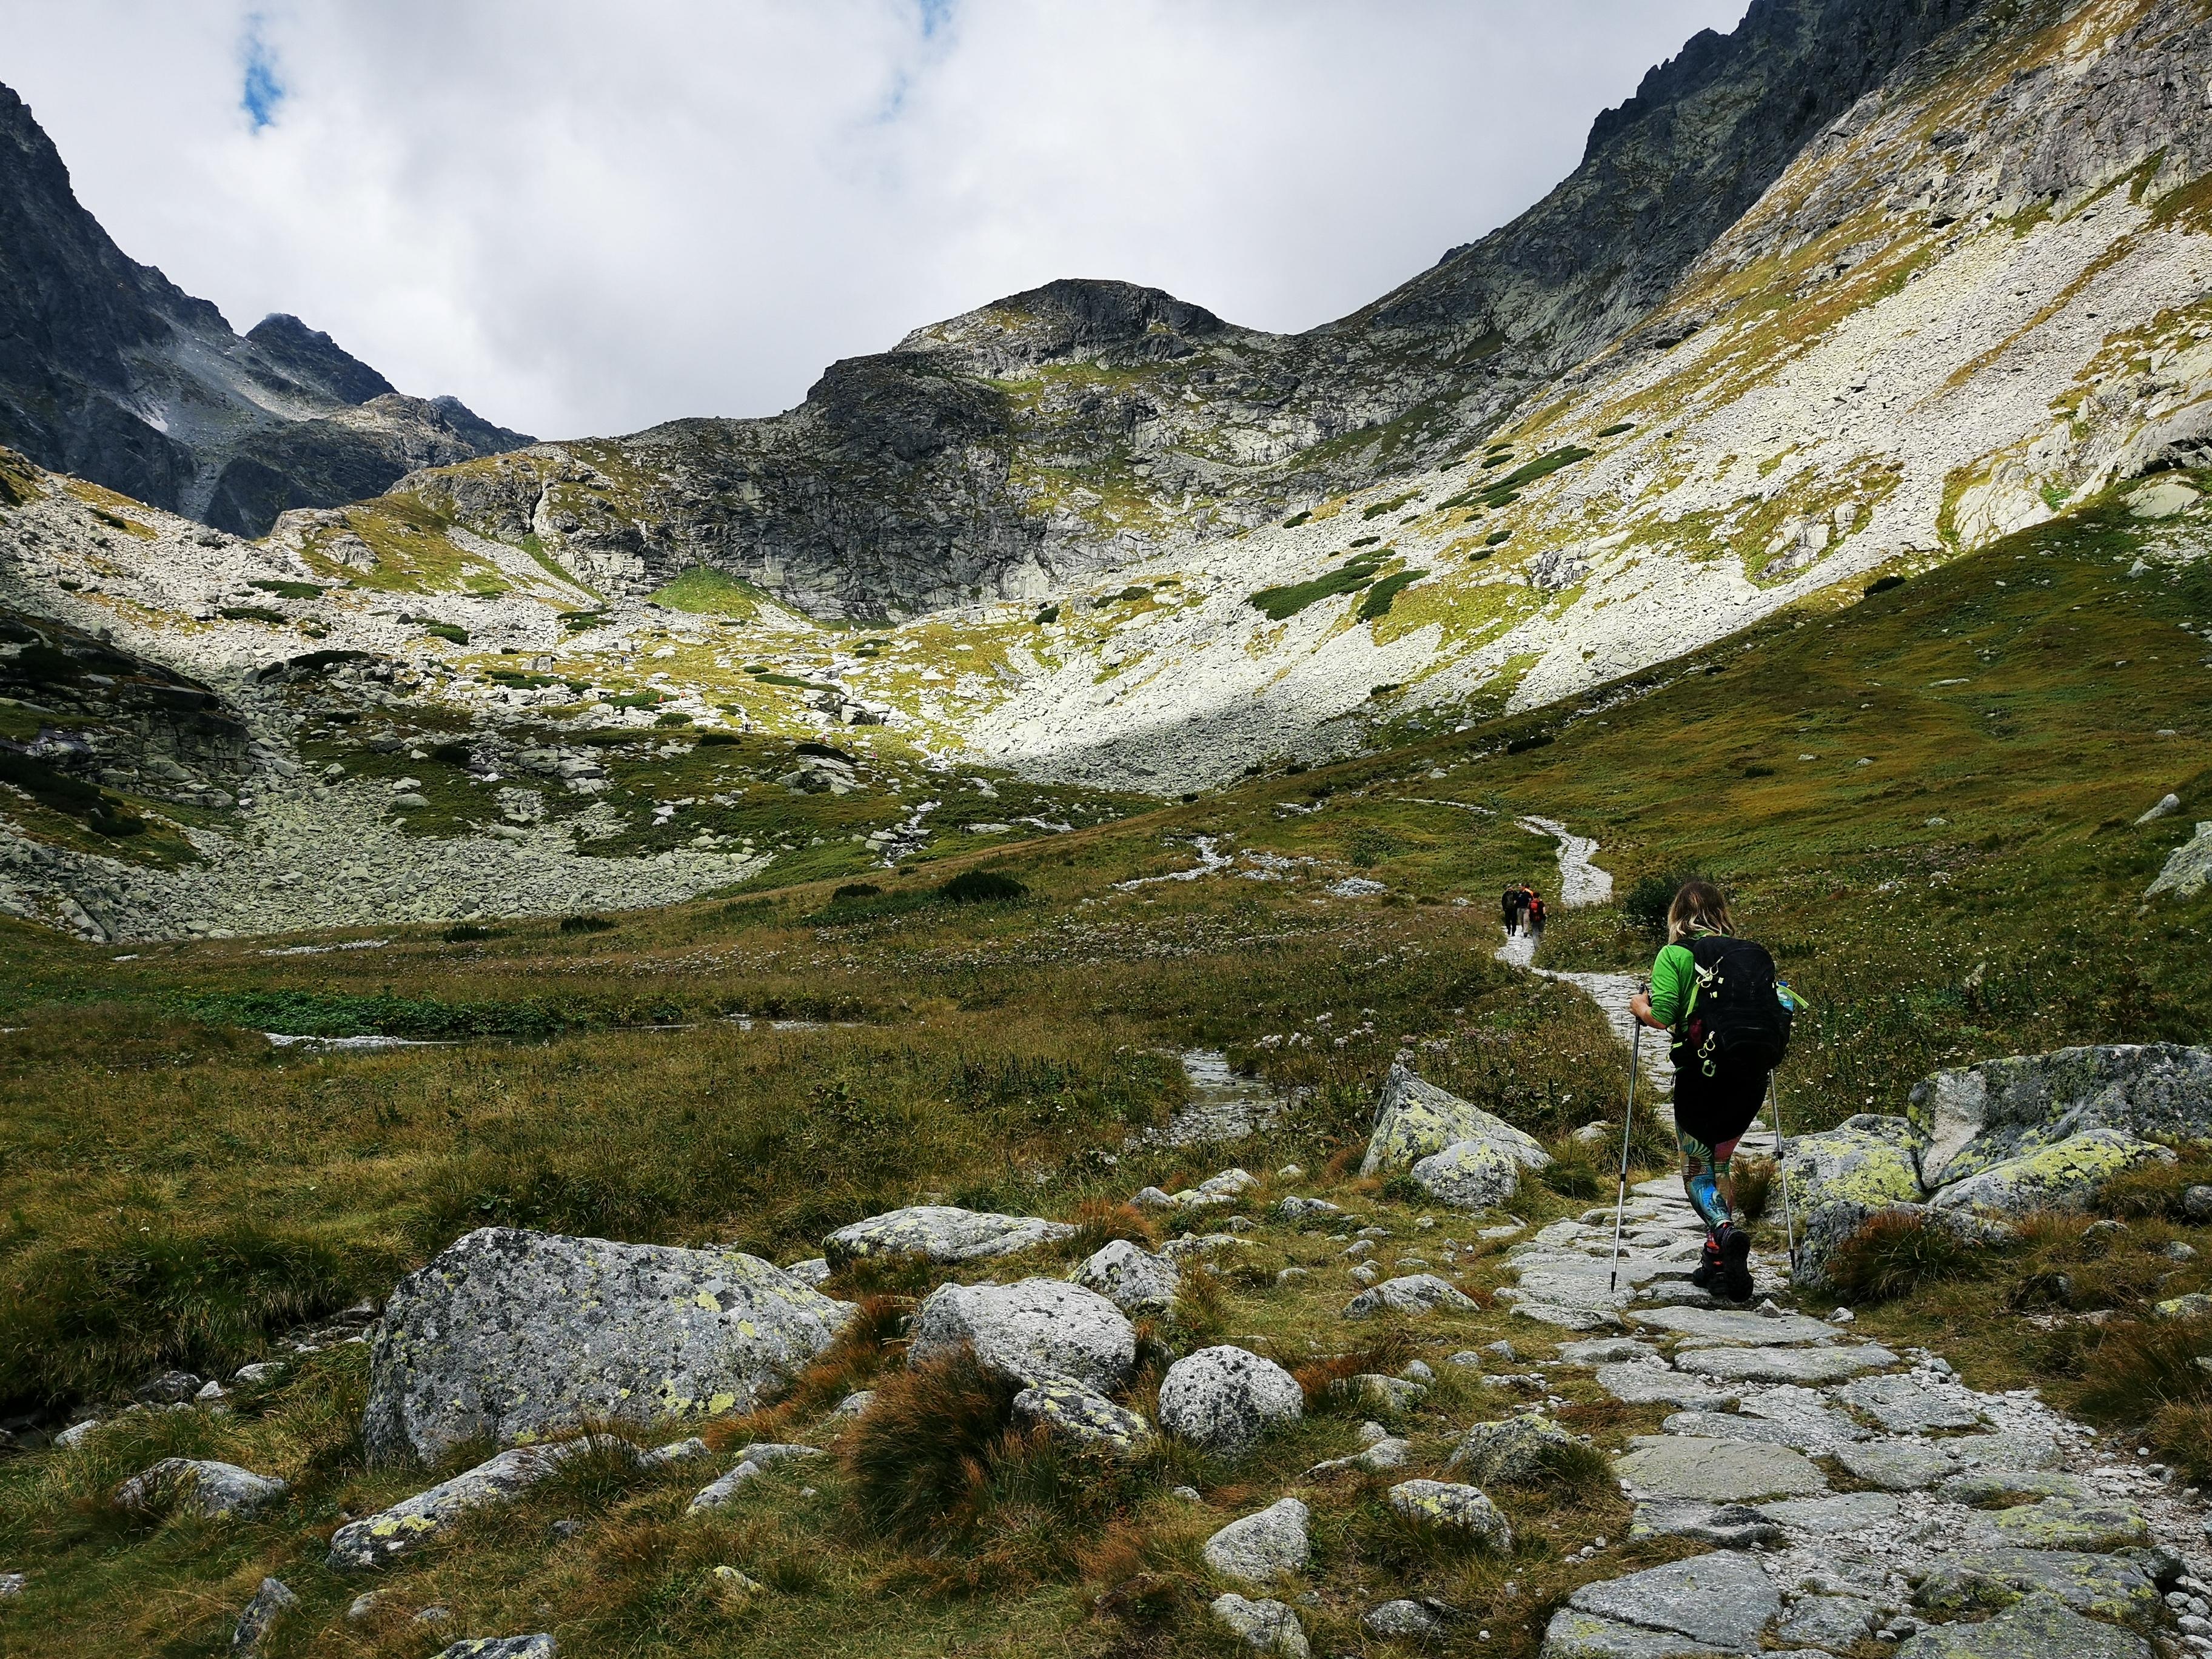 The valley of Velická dolina.